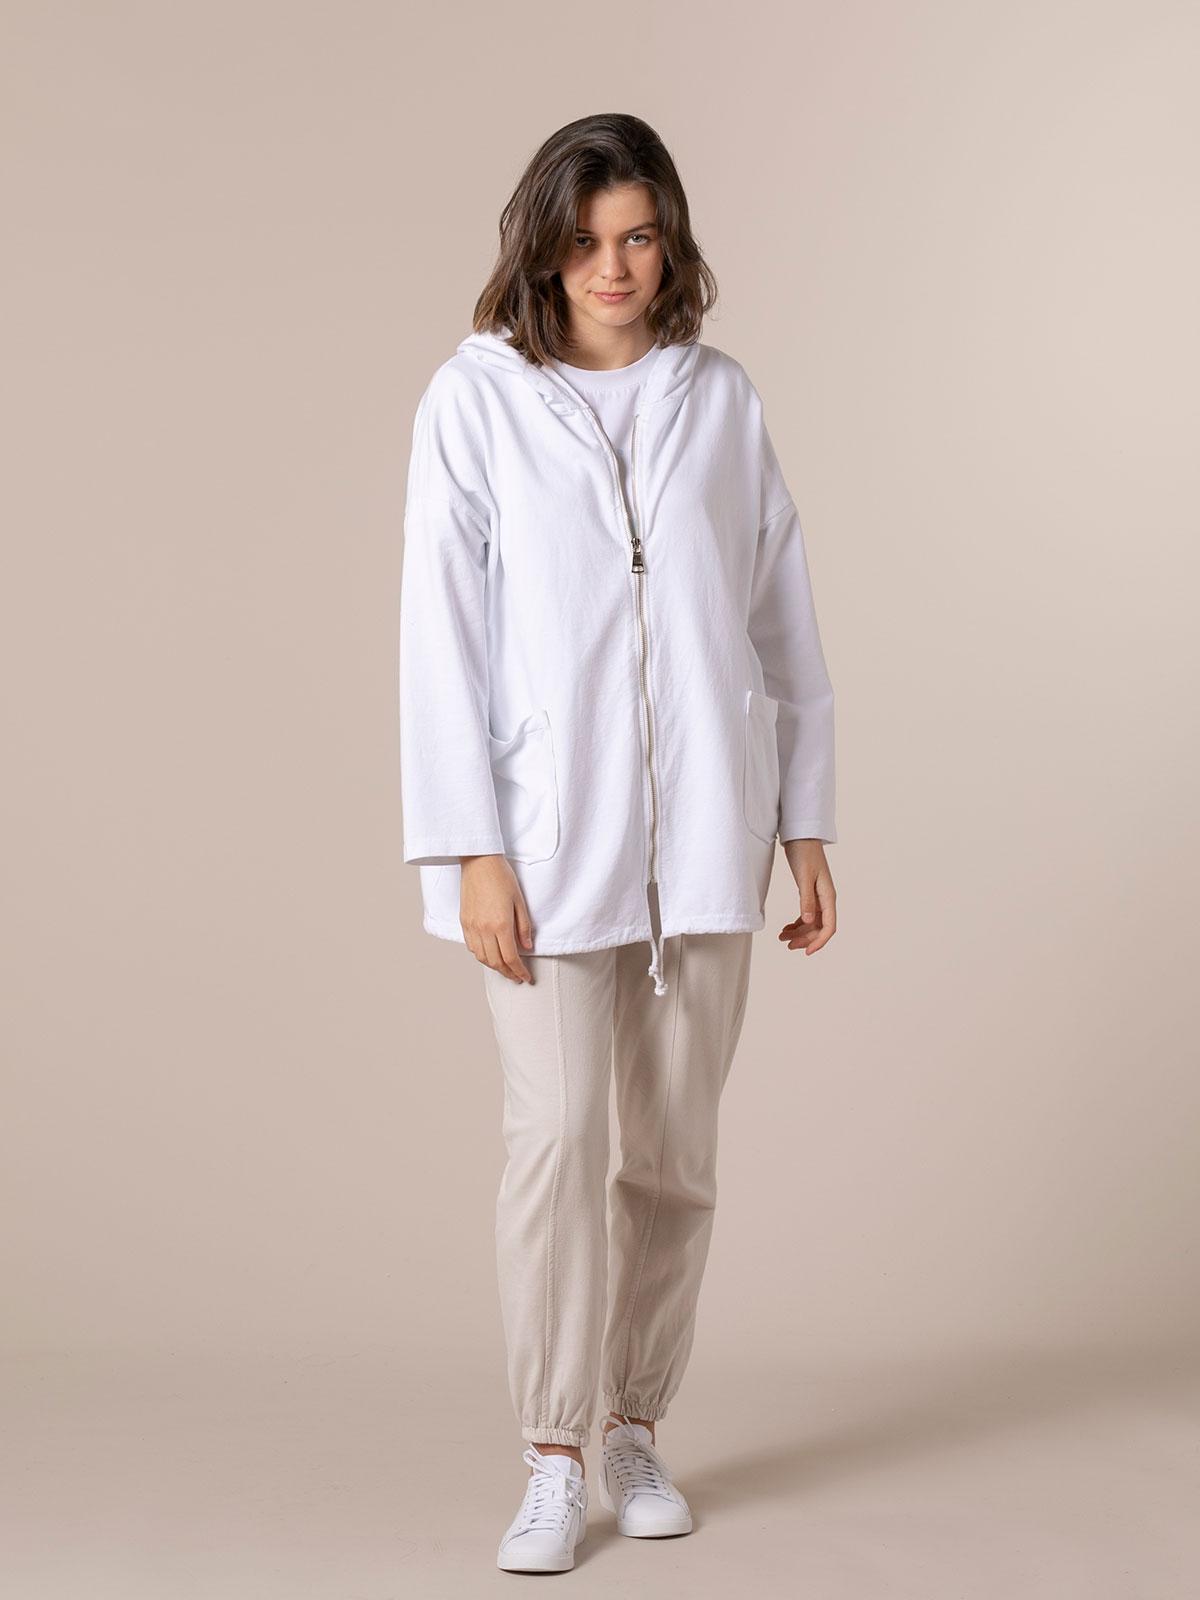 Sudadera mujer cremallera y bolsillos Blanco